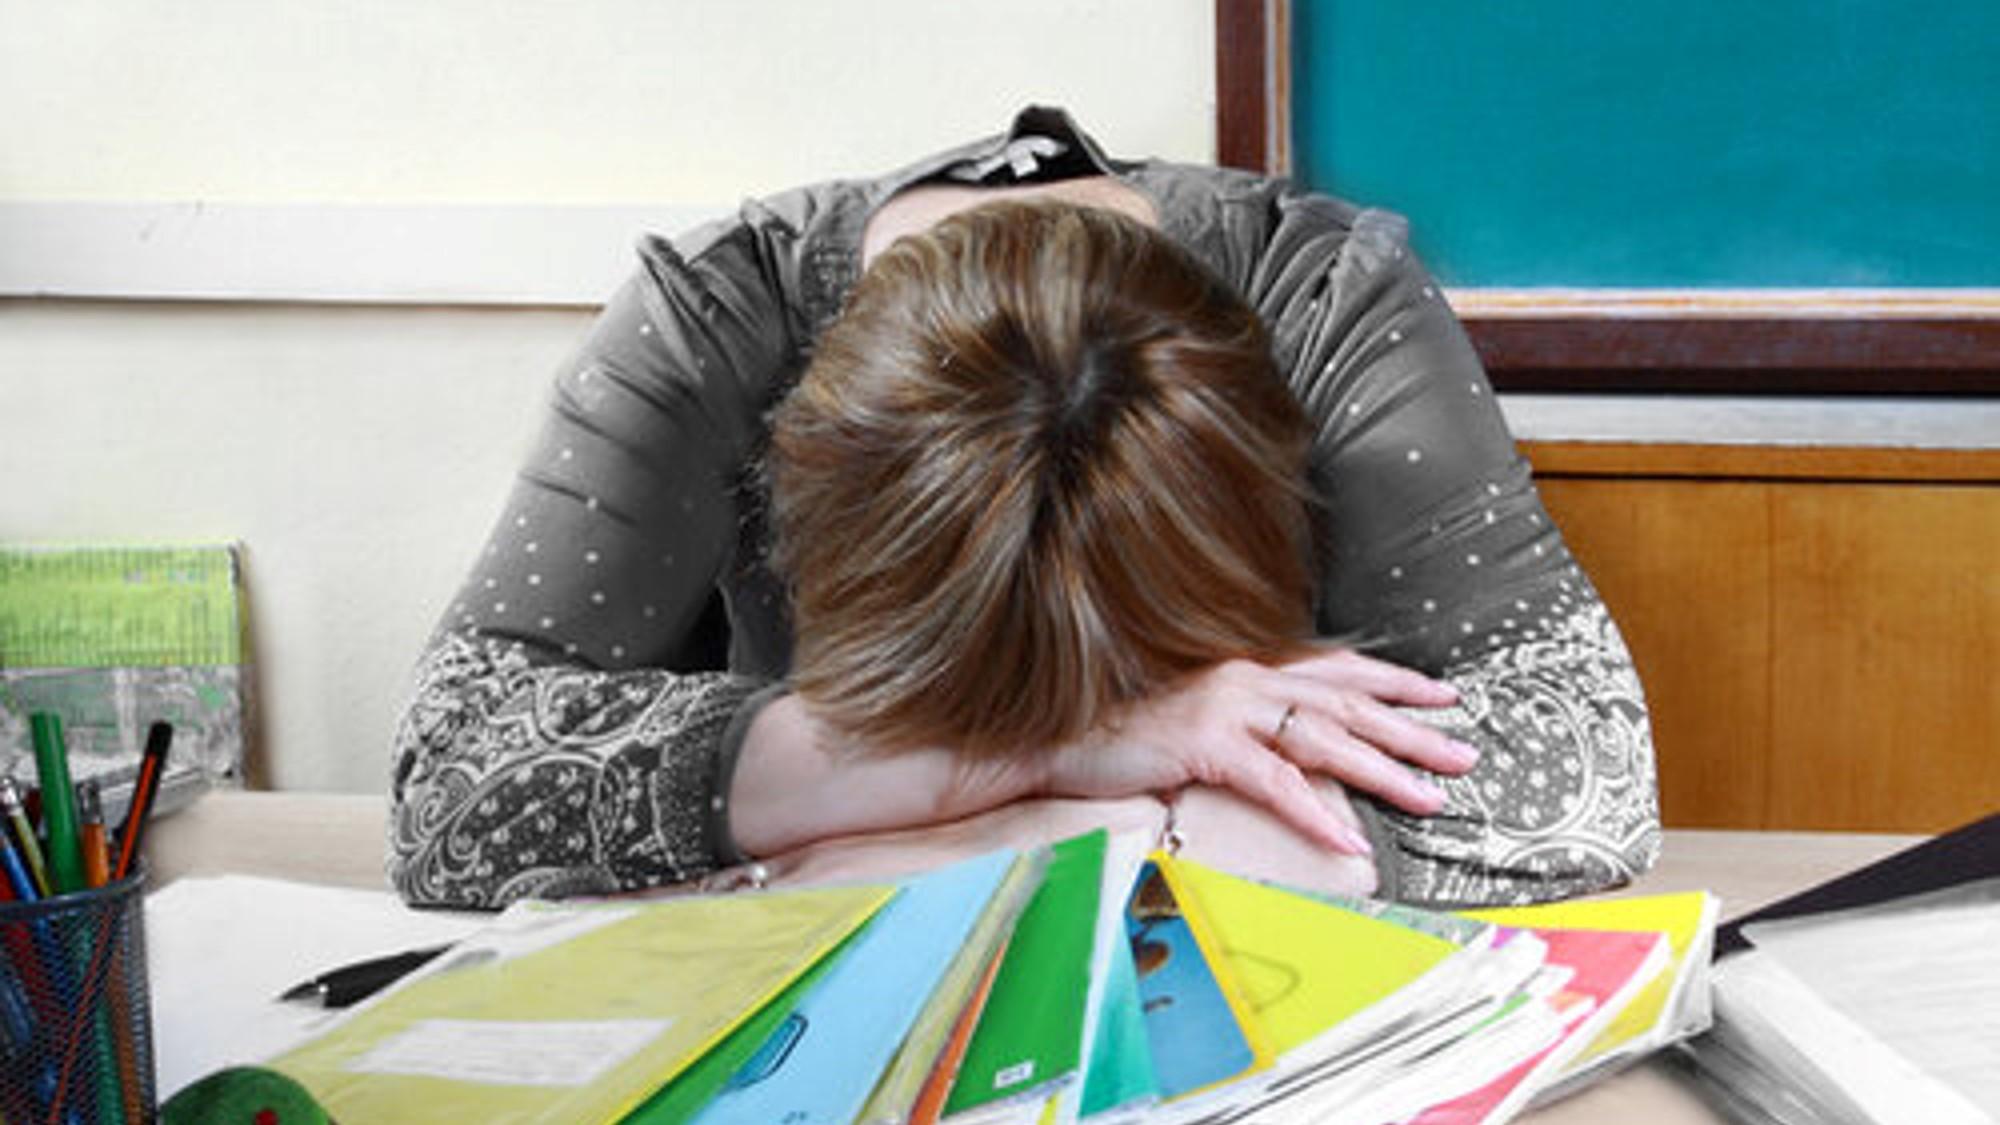 Preocupación continua, principal riesgo psicoafectivo en estudiantes y docentes